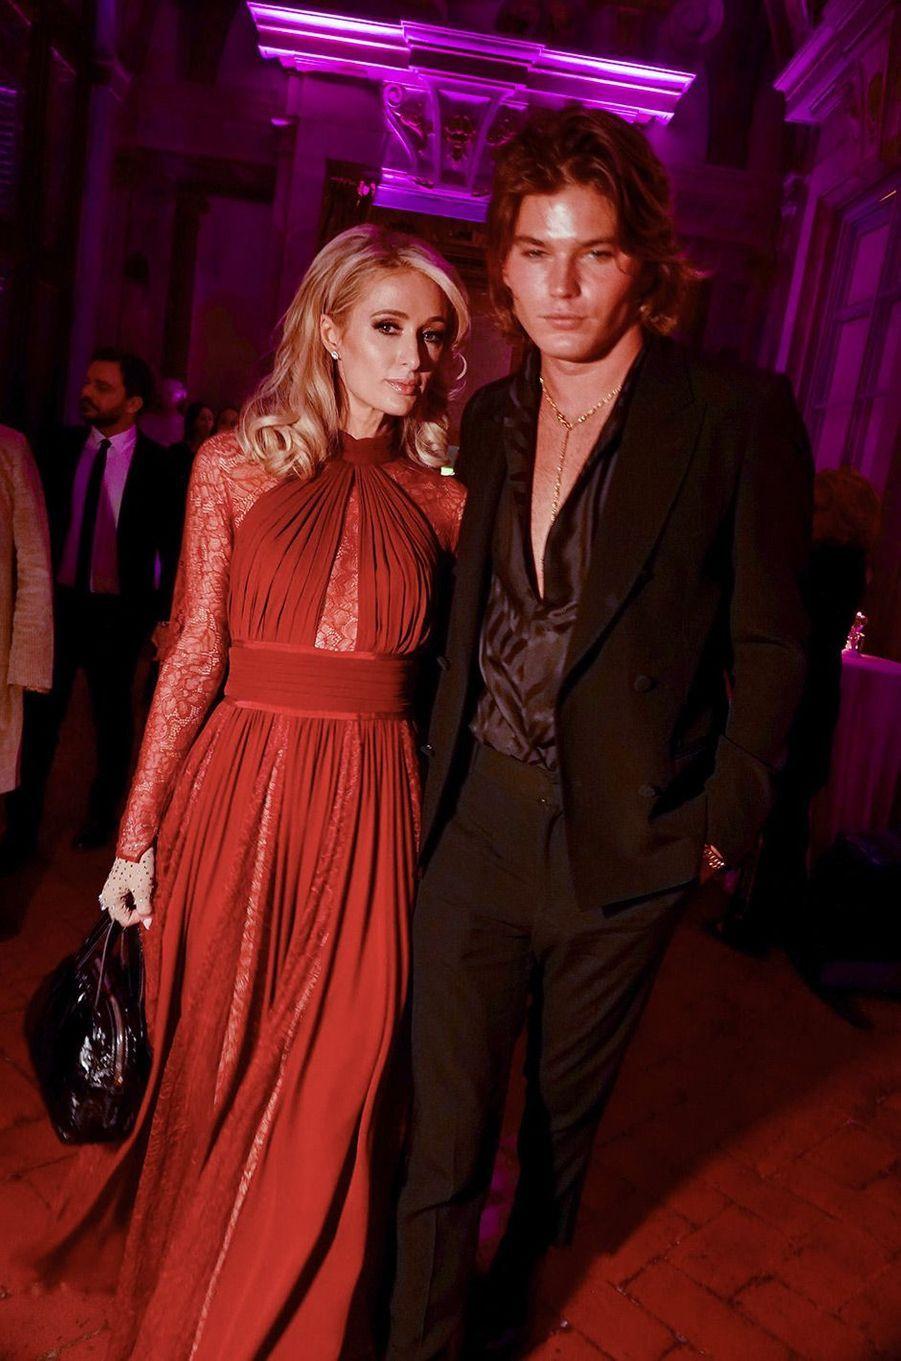 Paris Hilton et Jordan Barrett à Florence, mercredi 9 janvier